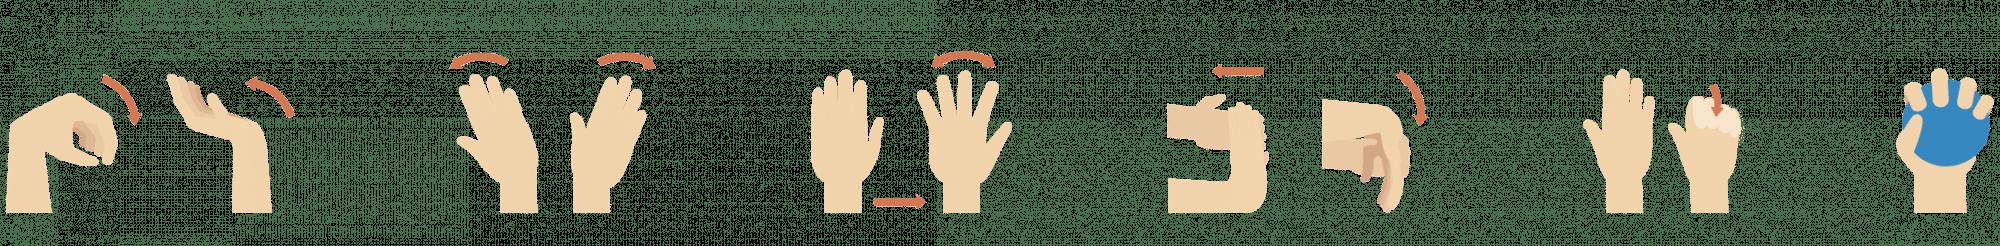 Übungen zur Kräftigung der Handmuskulatur und dem Handgewölbe